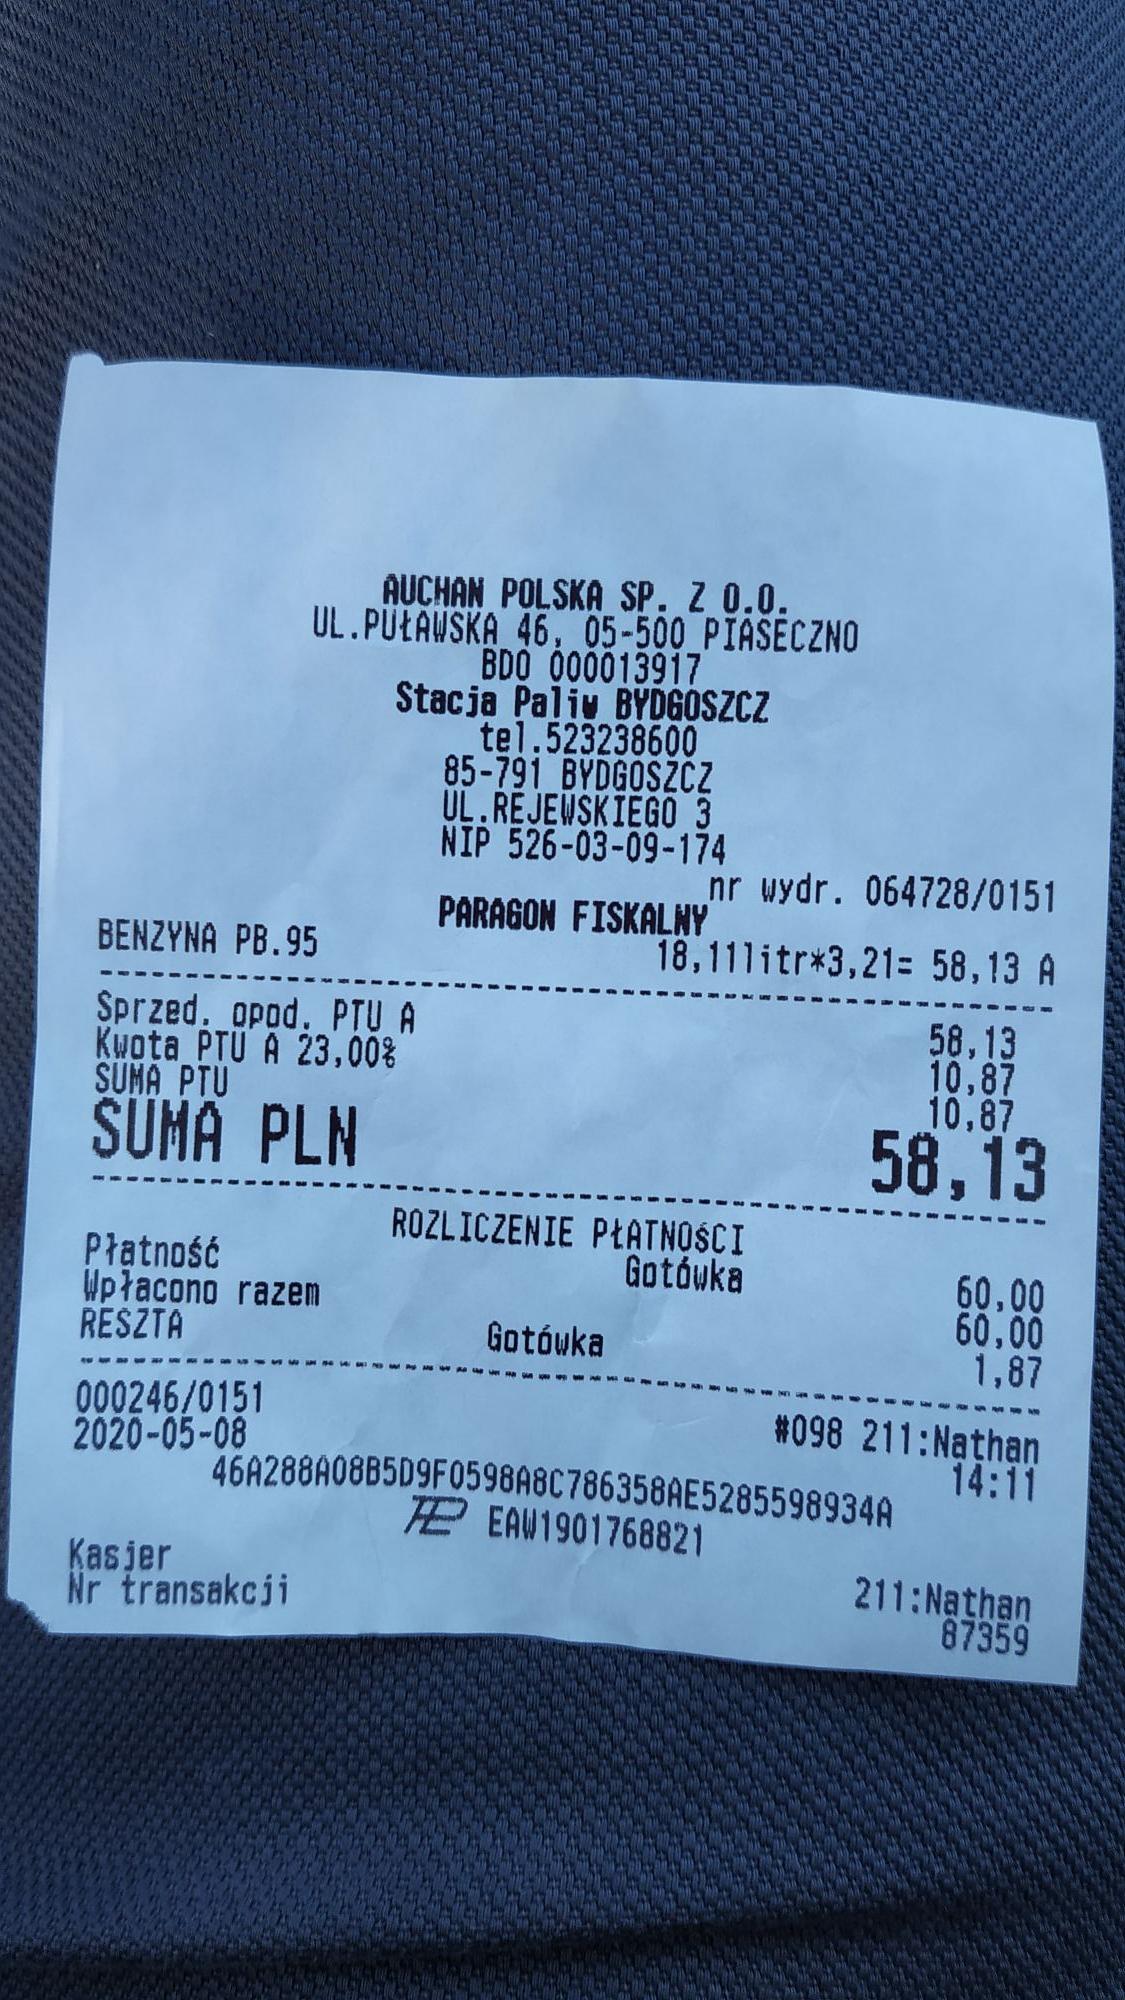 Tania benzyna 95 - 3,21 zł. Auchan Bydgoszcz ul. Rejewskiego 3